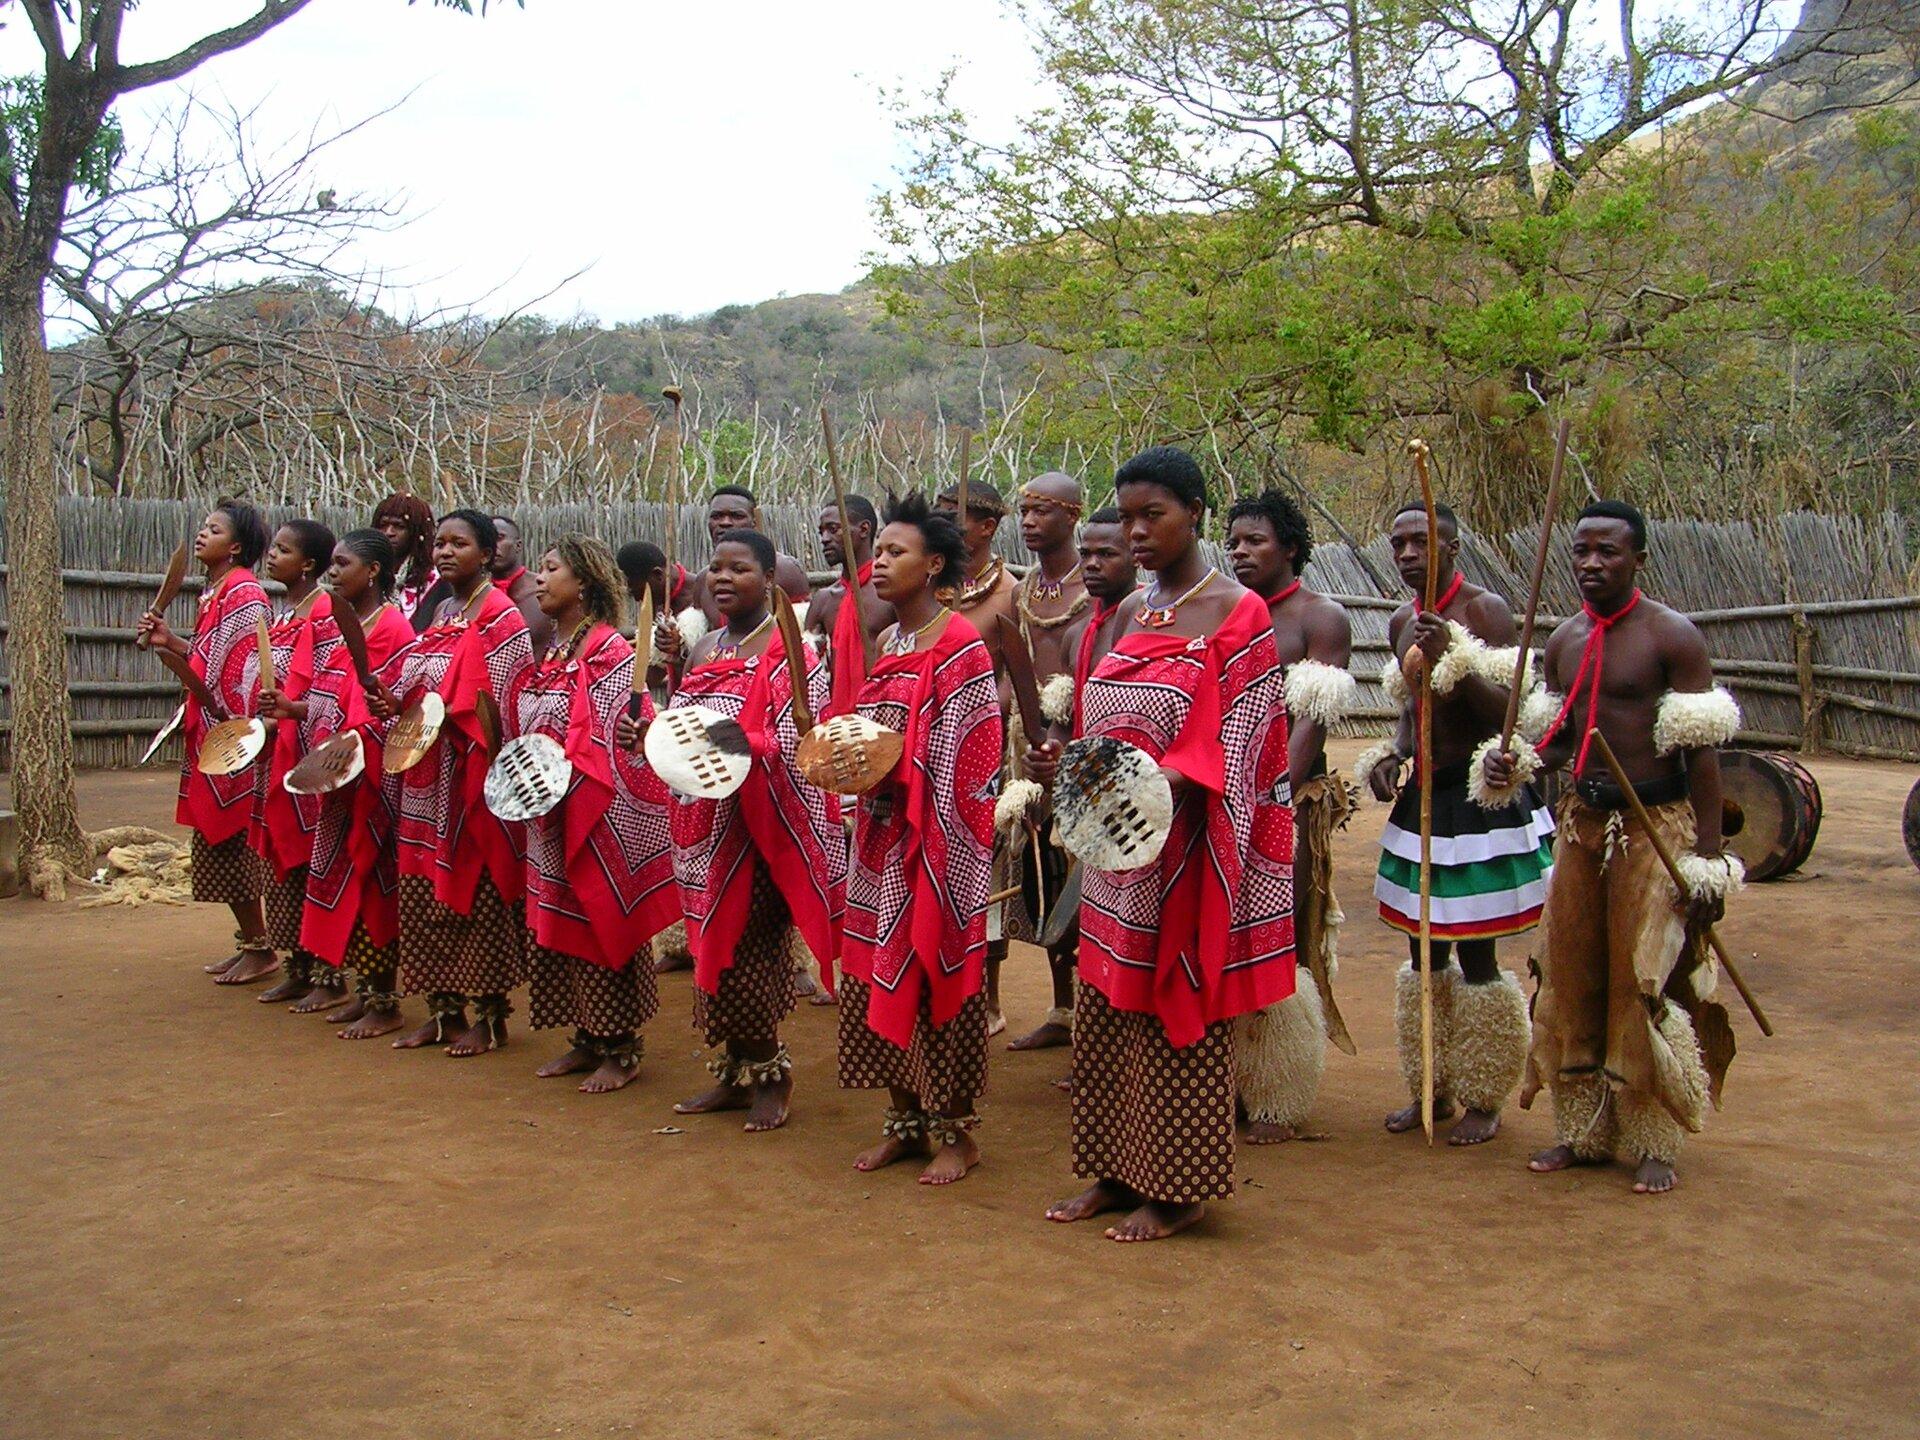 Na zdjęciu plemię afrykańskie. Wpierwszym rzędzie kobiety ubrane wdługie spódnice iczerwone luźne chusty. Trzymają wrękach tarcze inoże. Wdrugim rzędzie mężczyźni, ubrani wspodnie lub spódnice. Na ramionach iłydkach mają ozdoby zfutra iskór. Wrękach trzymają długie kije. Wtle ogrodzenie zsuchych gałęzi, za ogrodzeniem drzewa.